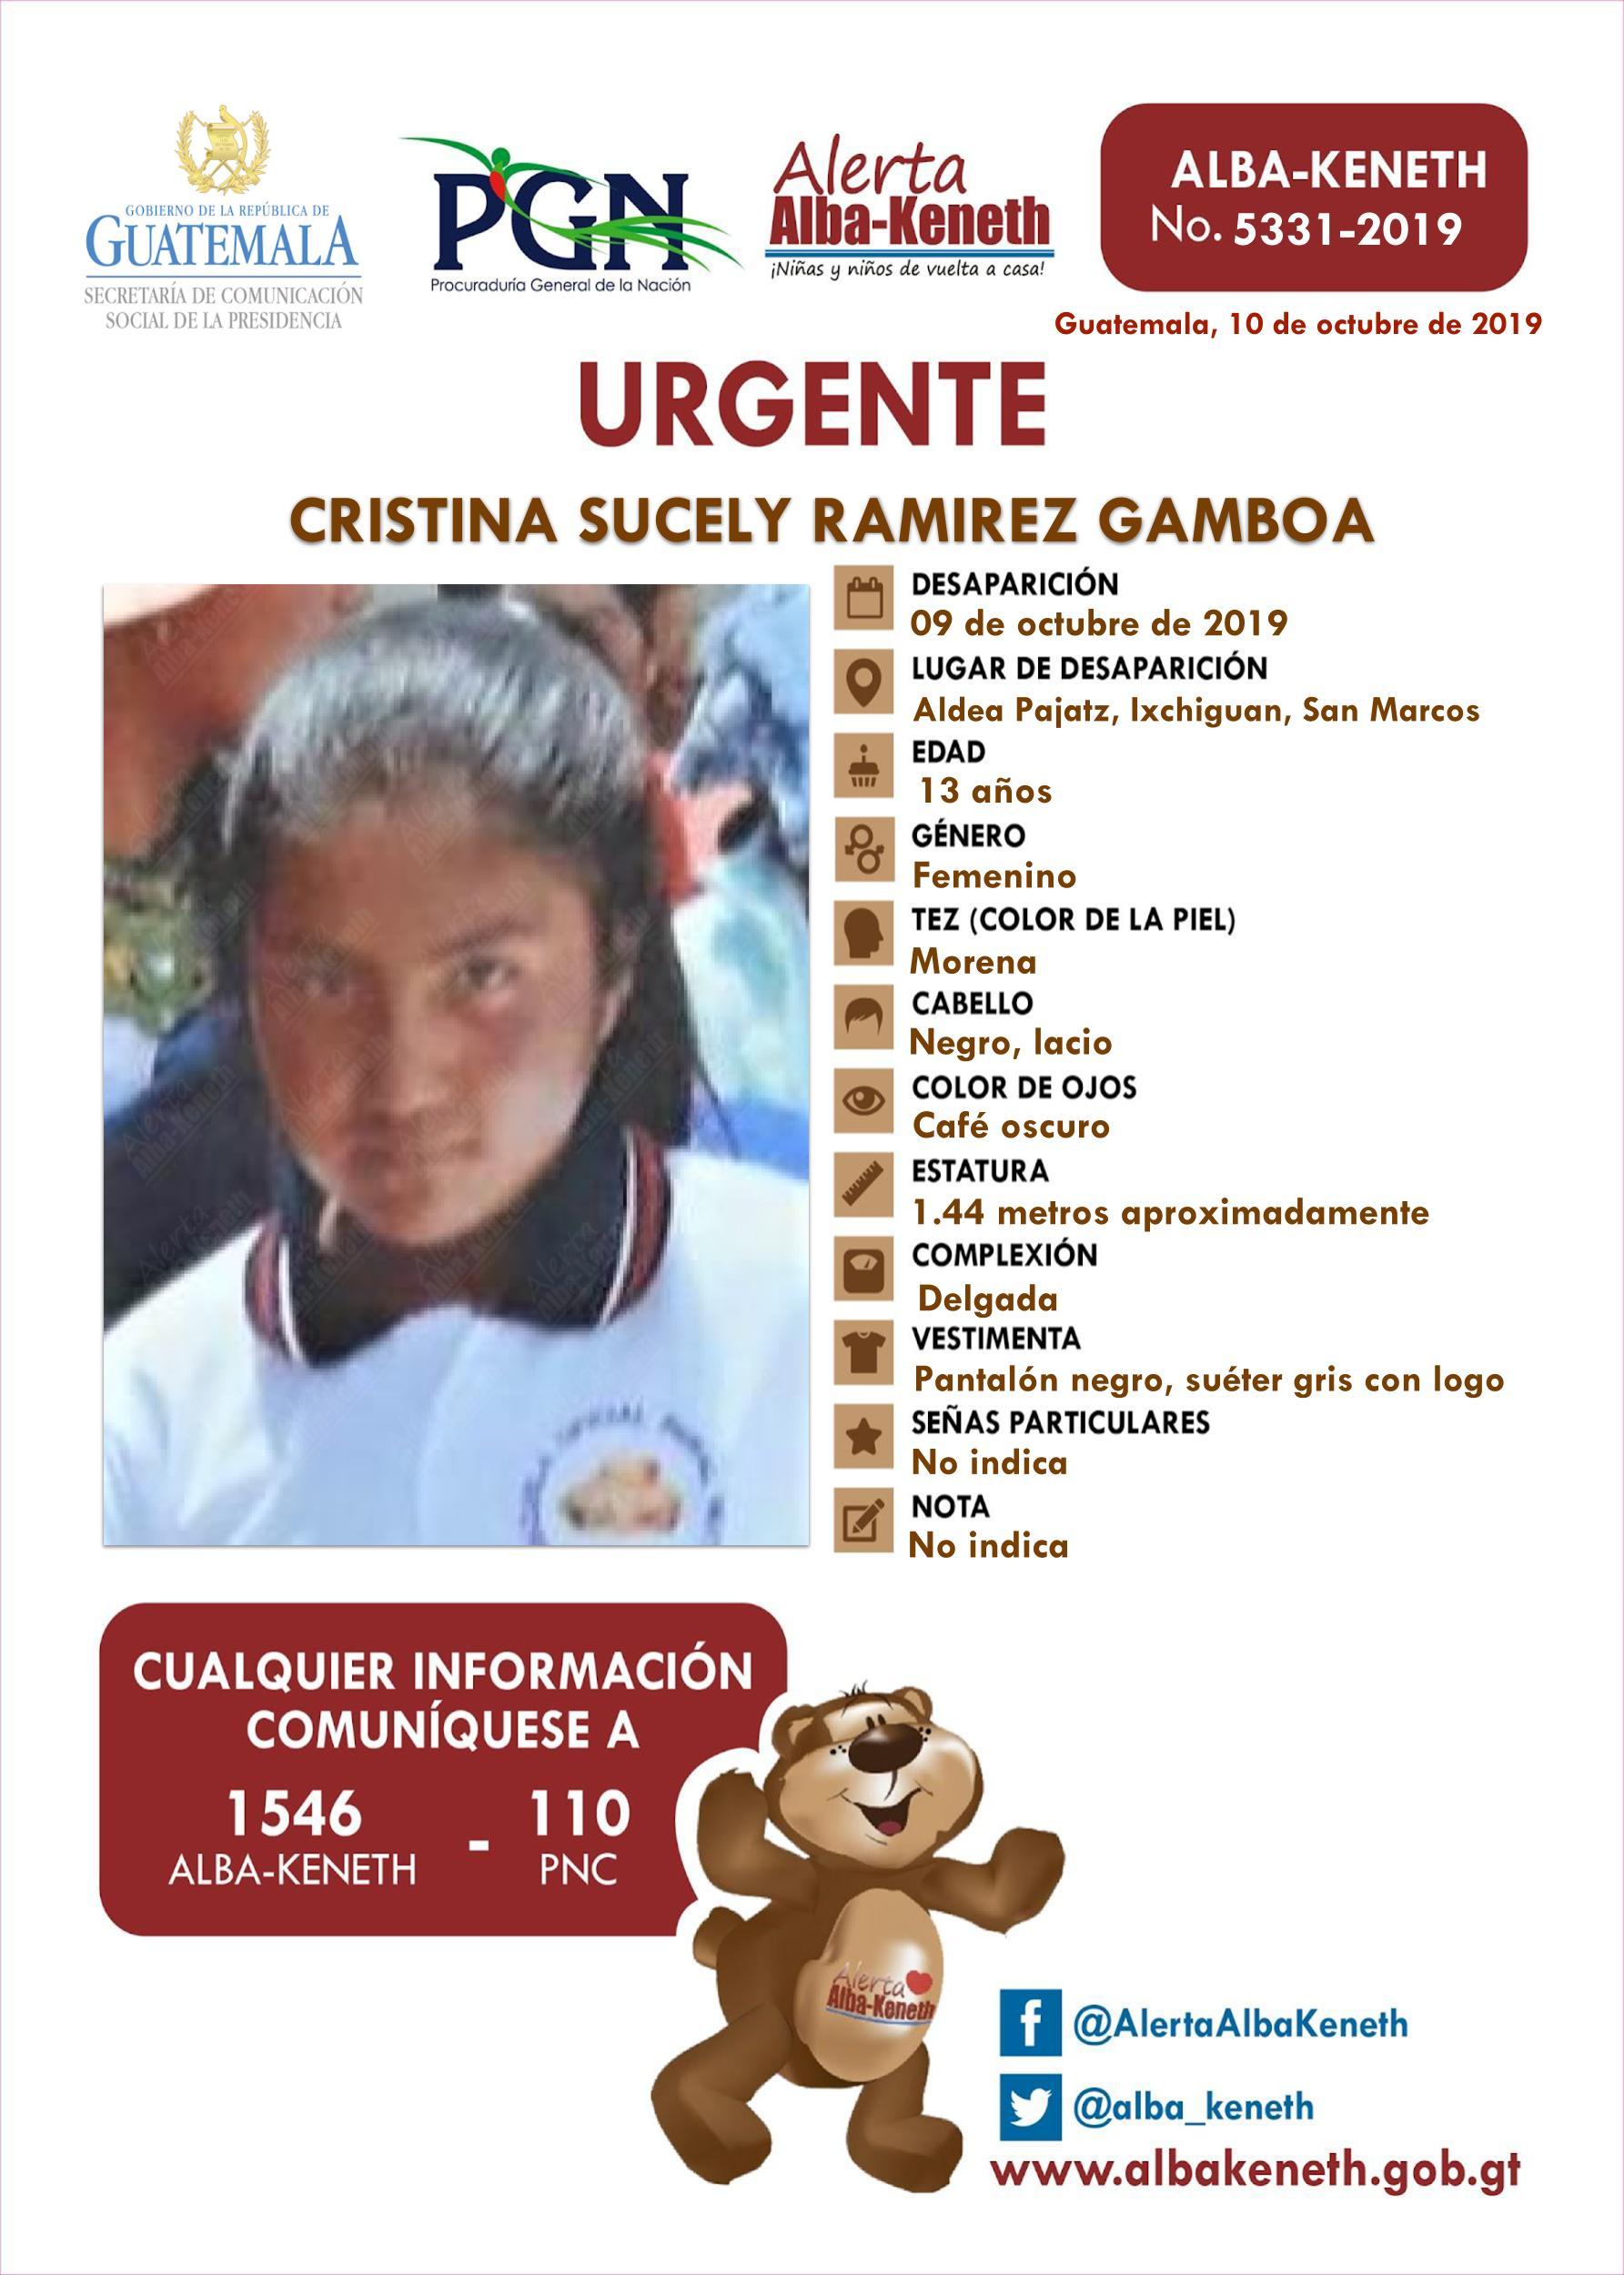 Cristina Sucely Ramirez Gamboa